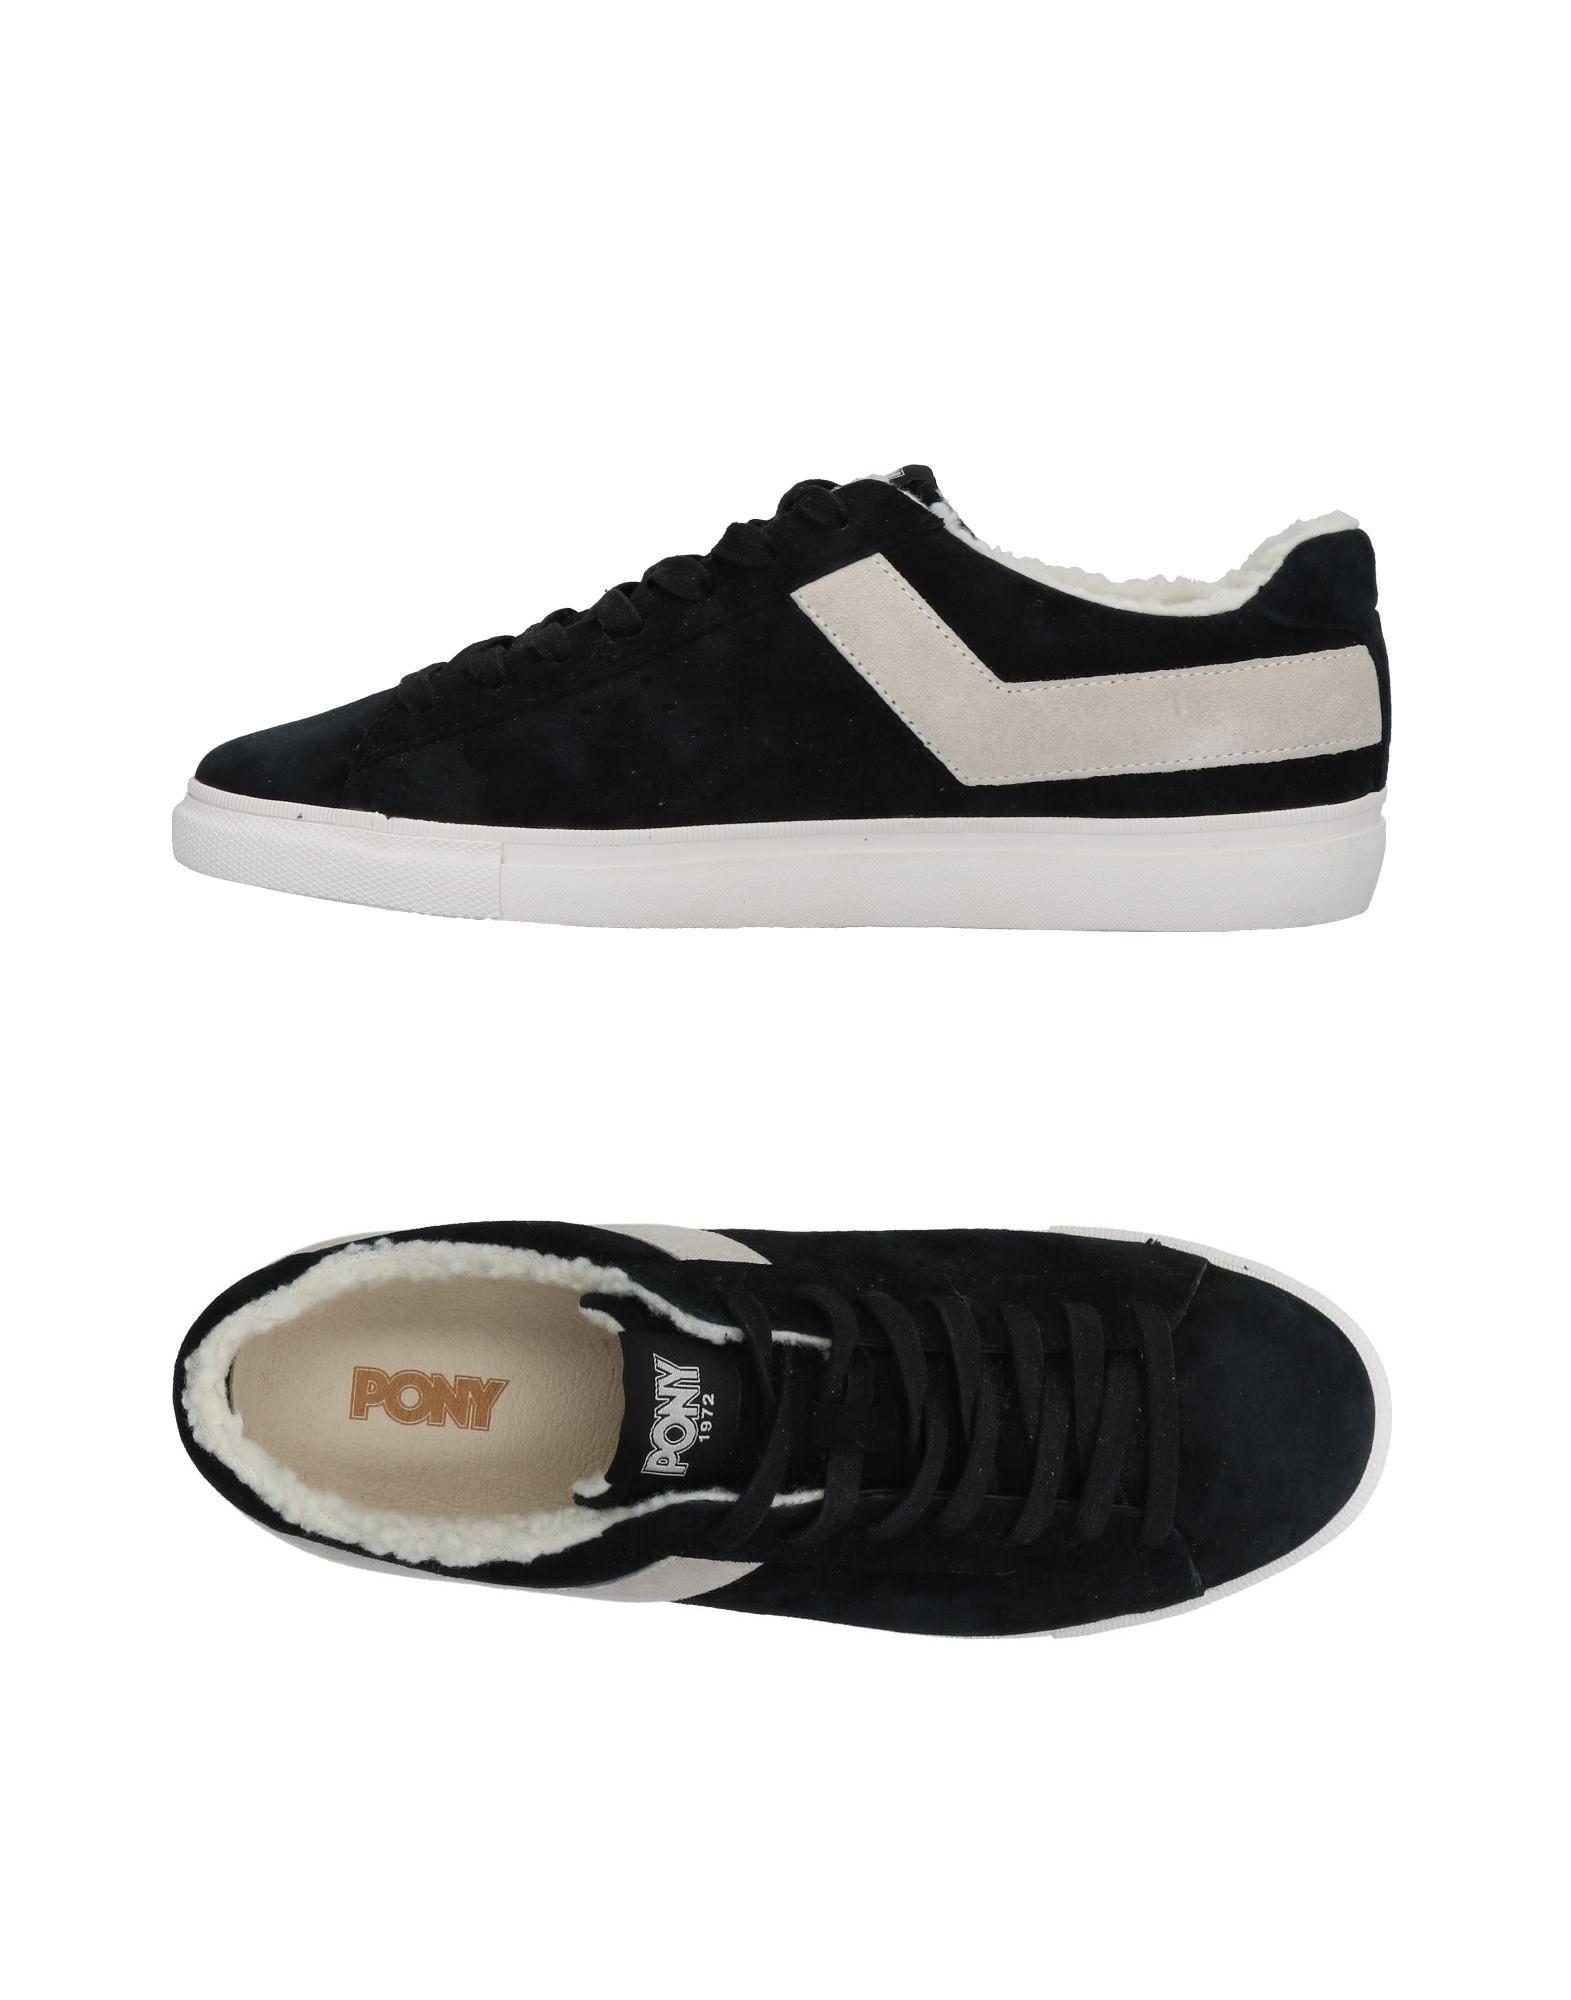 Rabatt echte Schuhe Pony Sneakers Herren  11485295LS